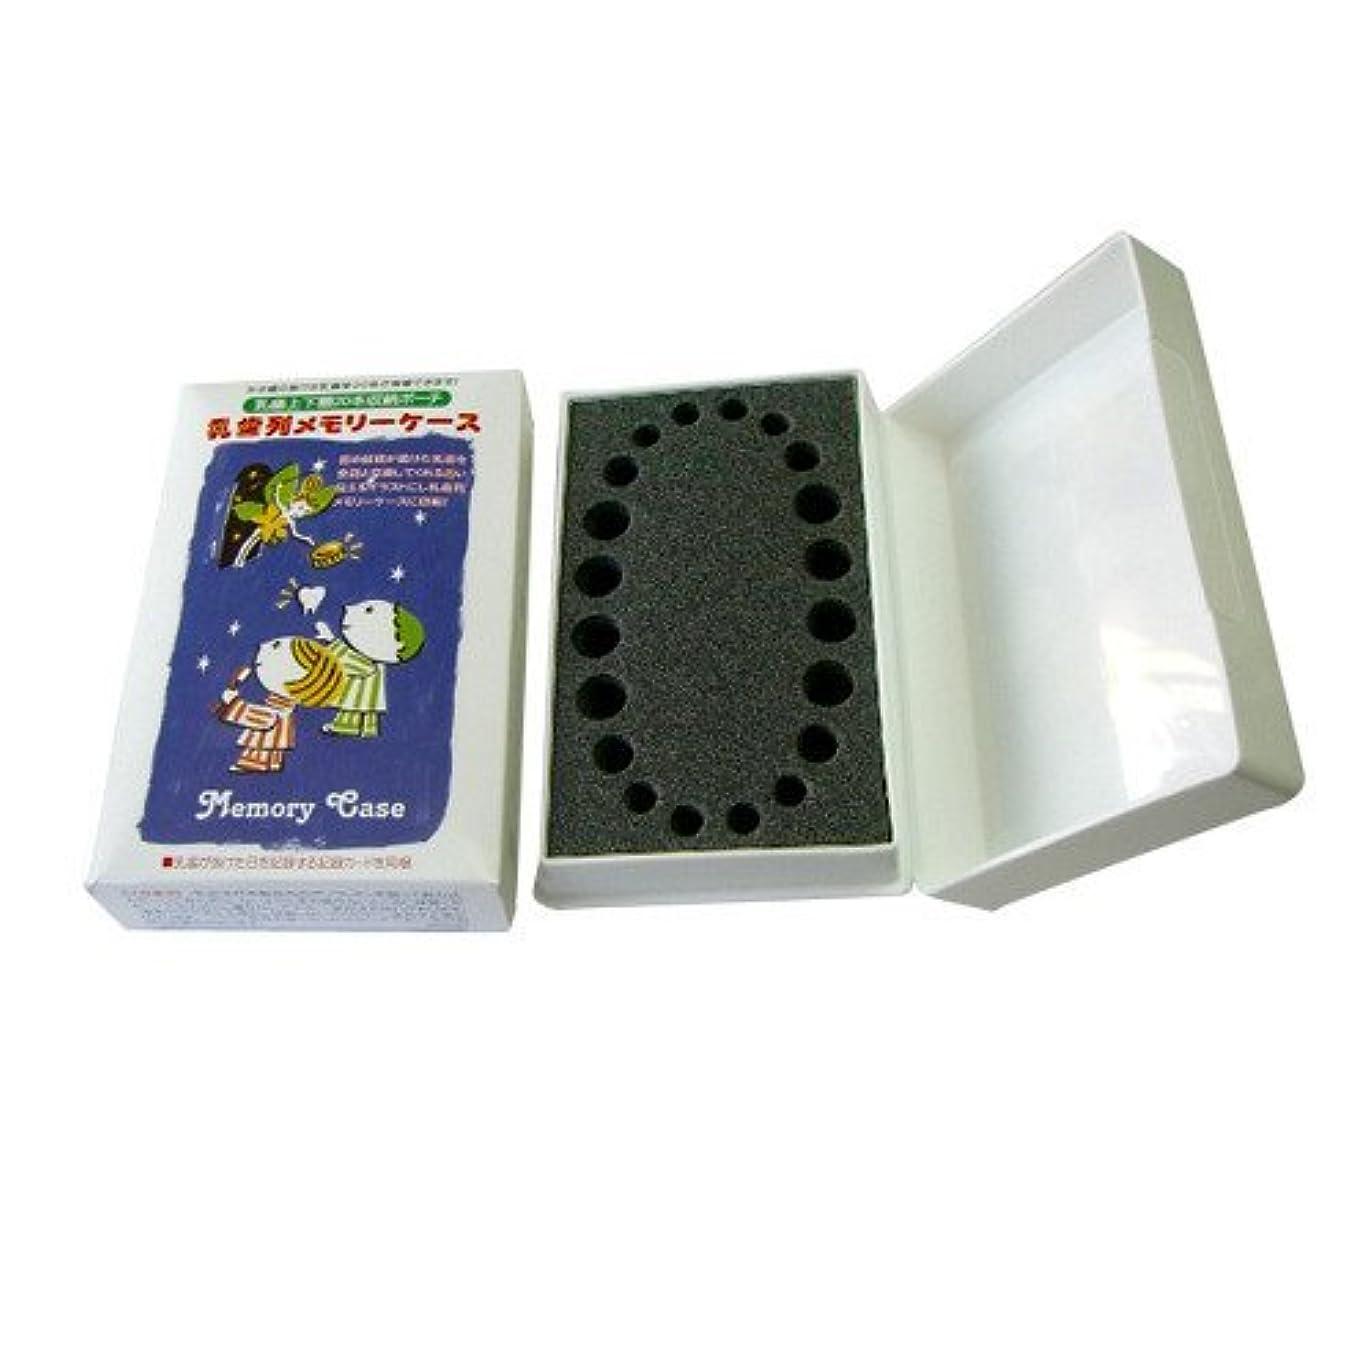 星モニター海峡乳歯列ケース トゥースフェアリー 1個